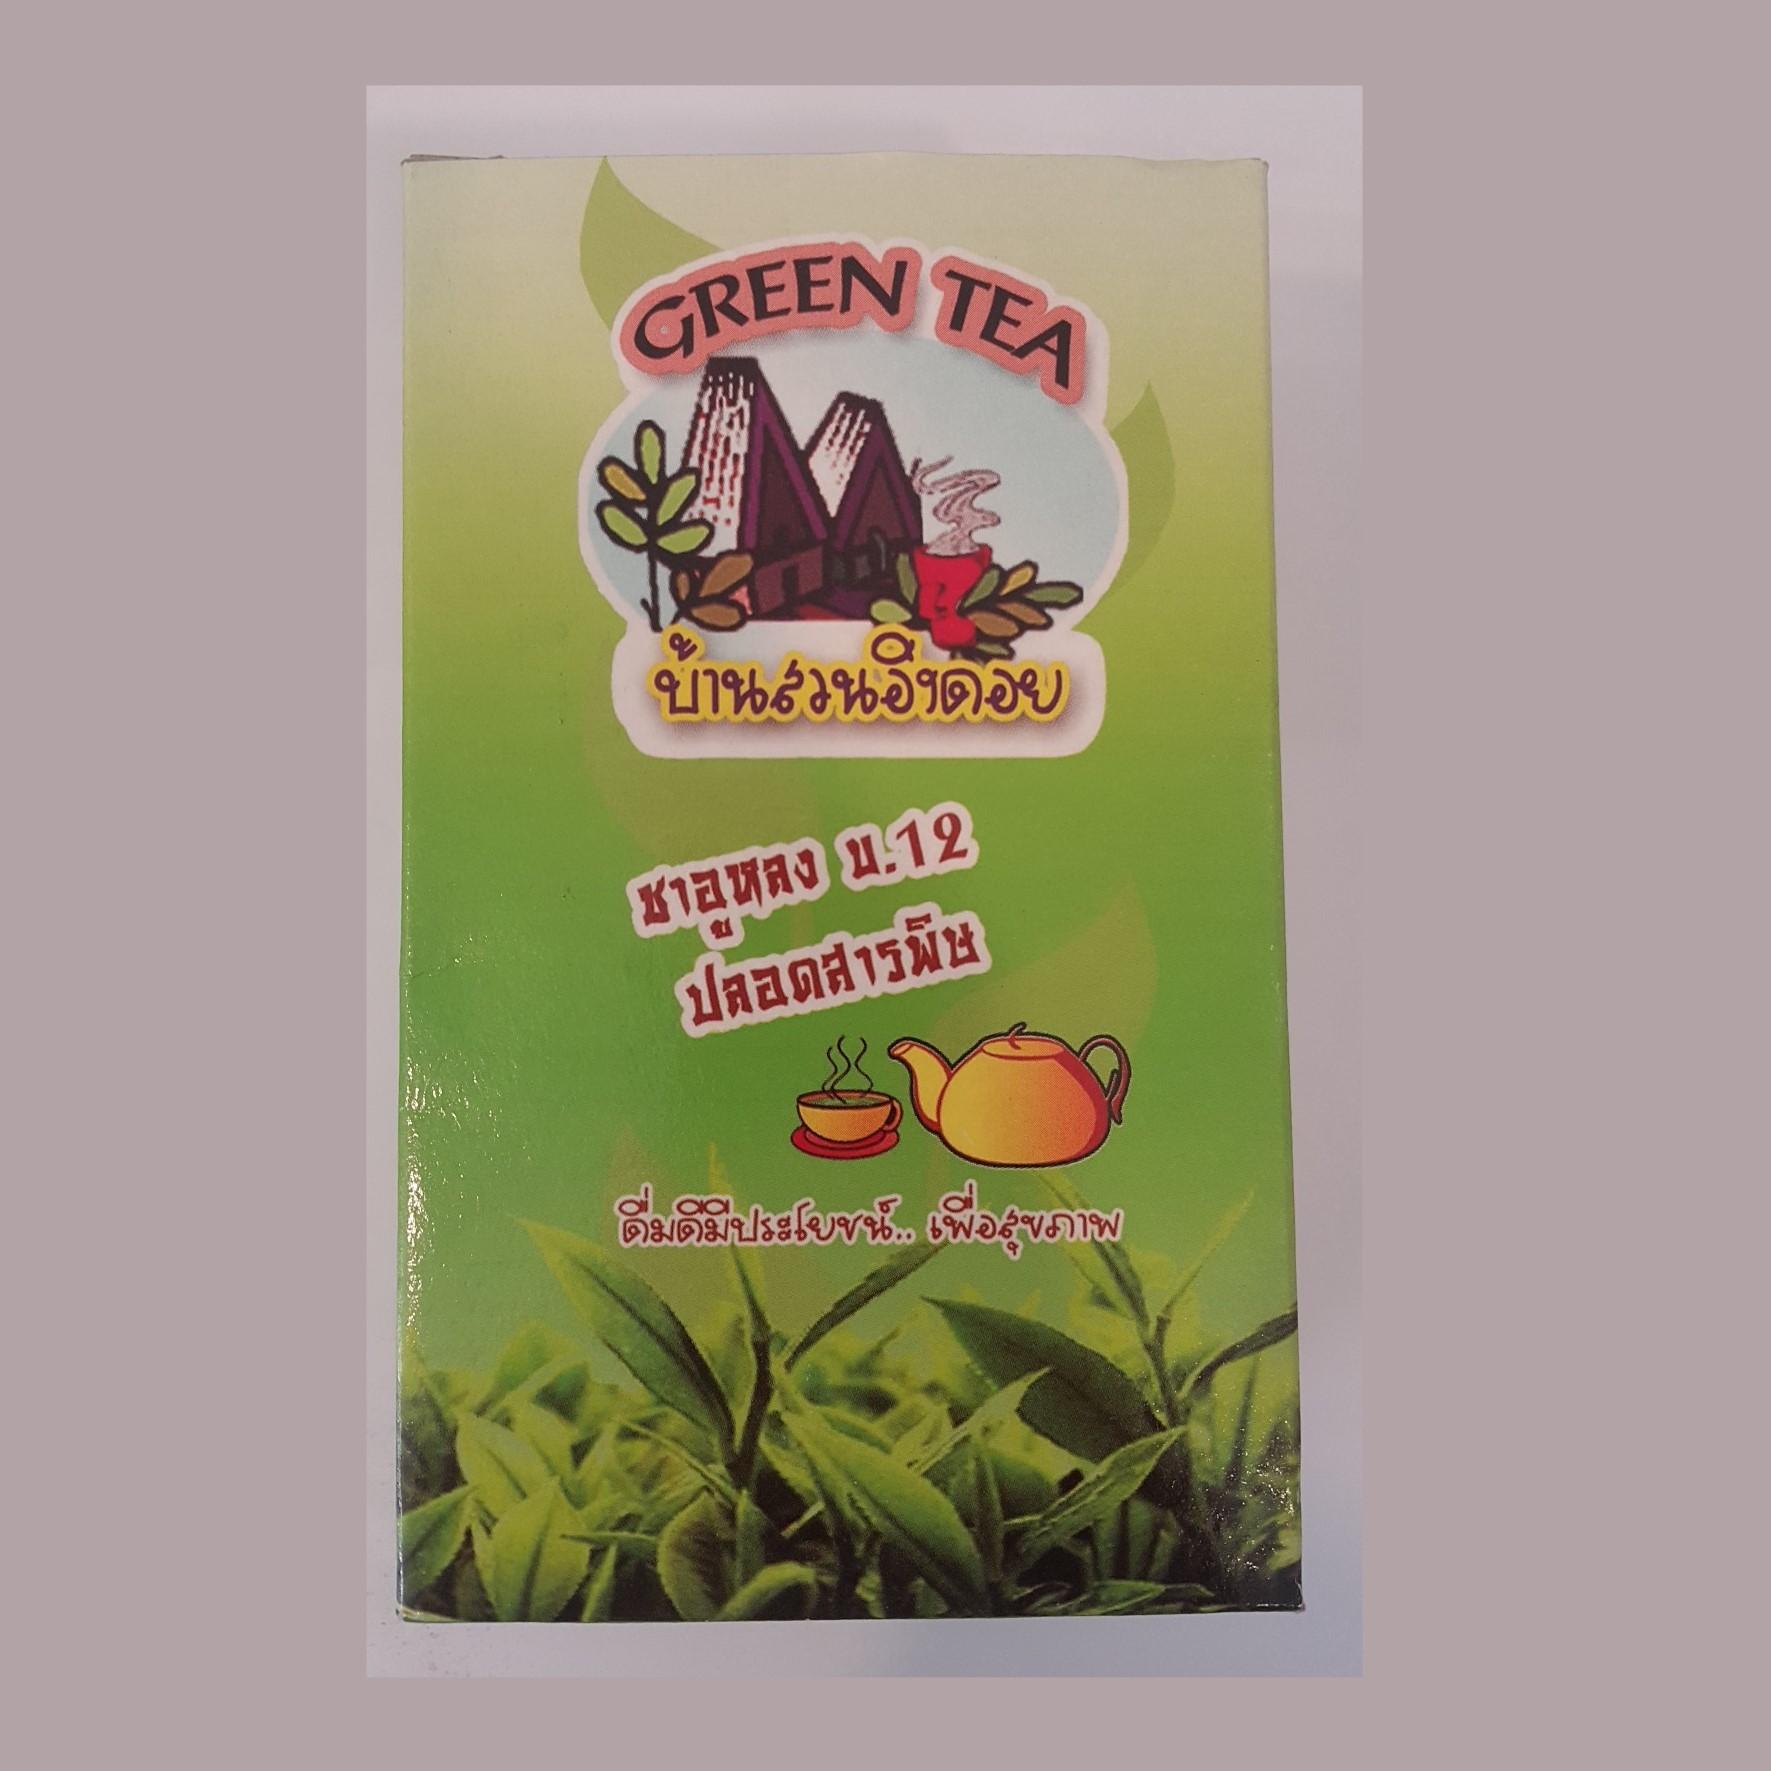 ชาเขียวอูหลงเบอร์ 12 (มะลิขนาดเล็กจำนวน 2 กล่อง)